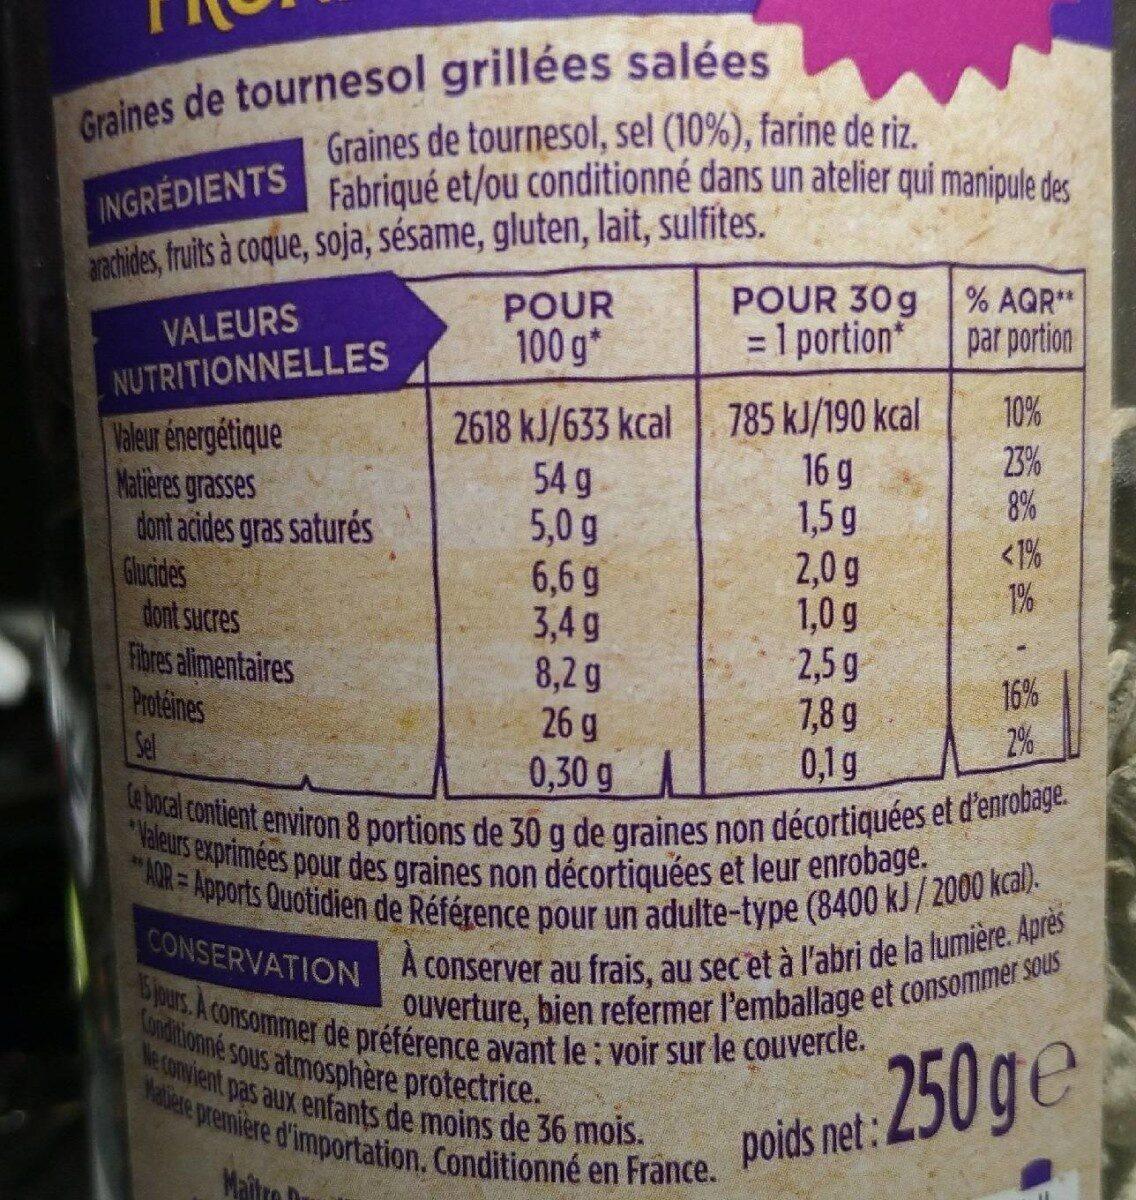 Graines de tournesol grillées salées - Informations nutritionnelles - fr